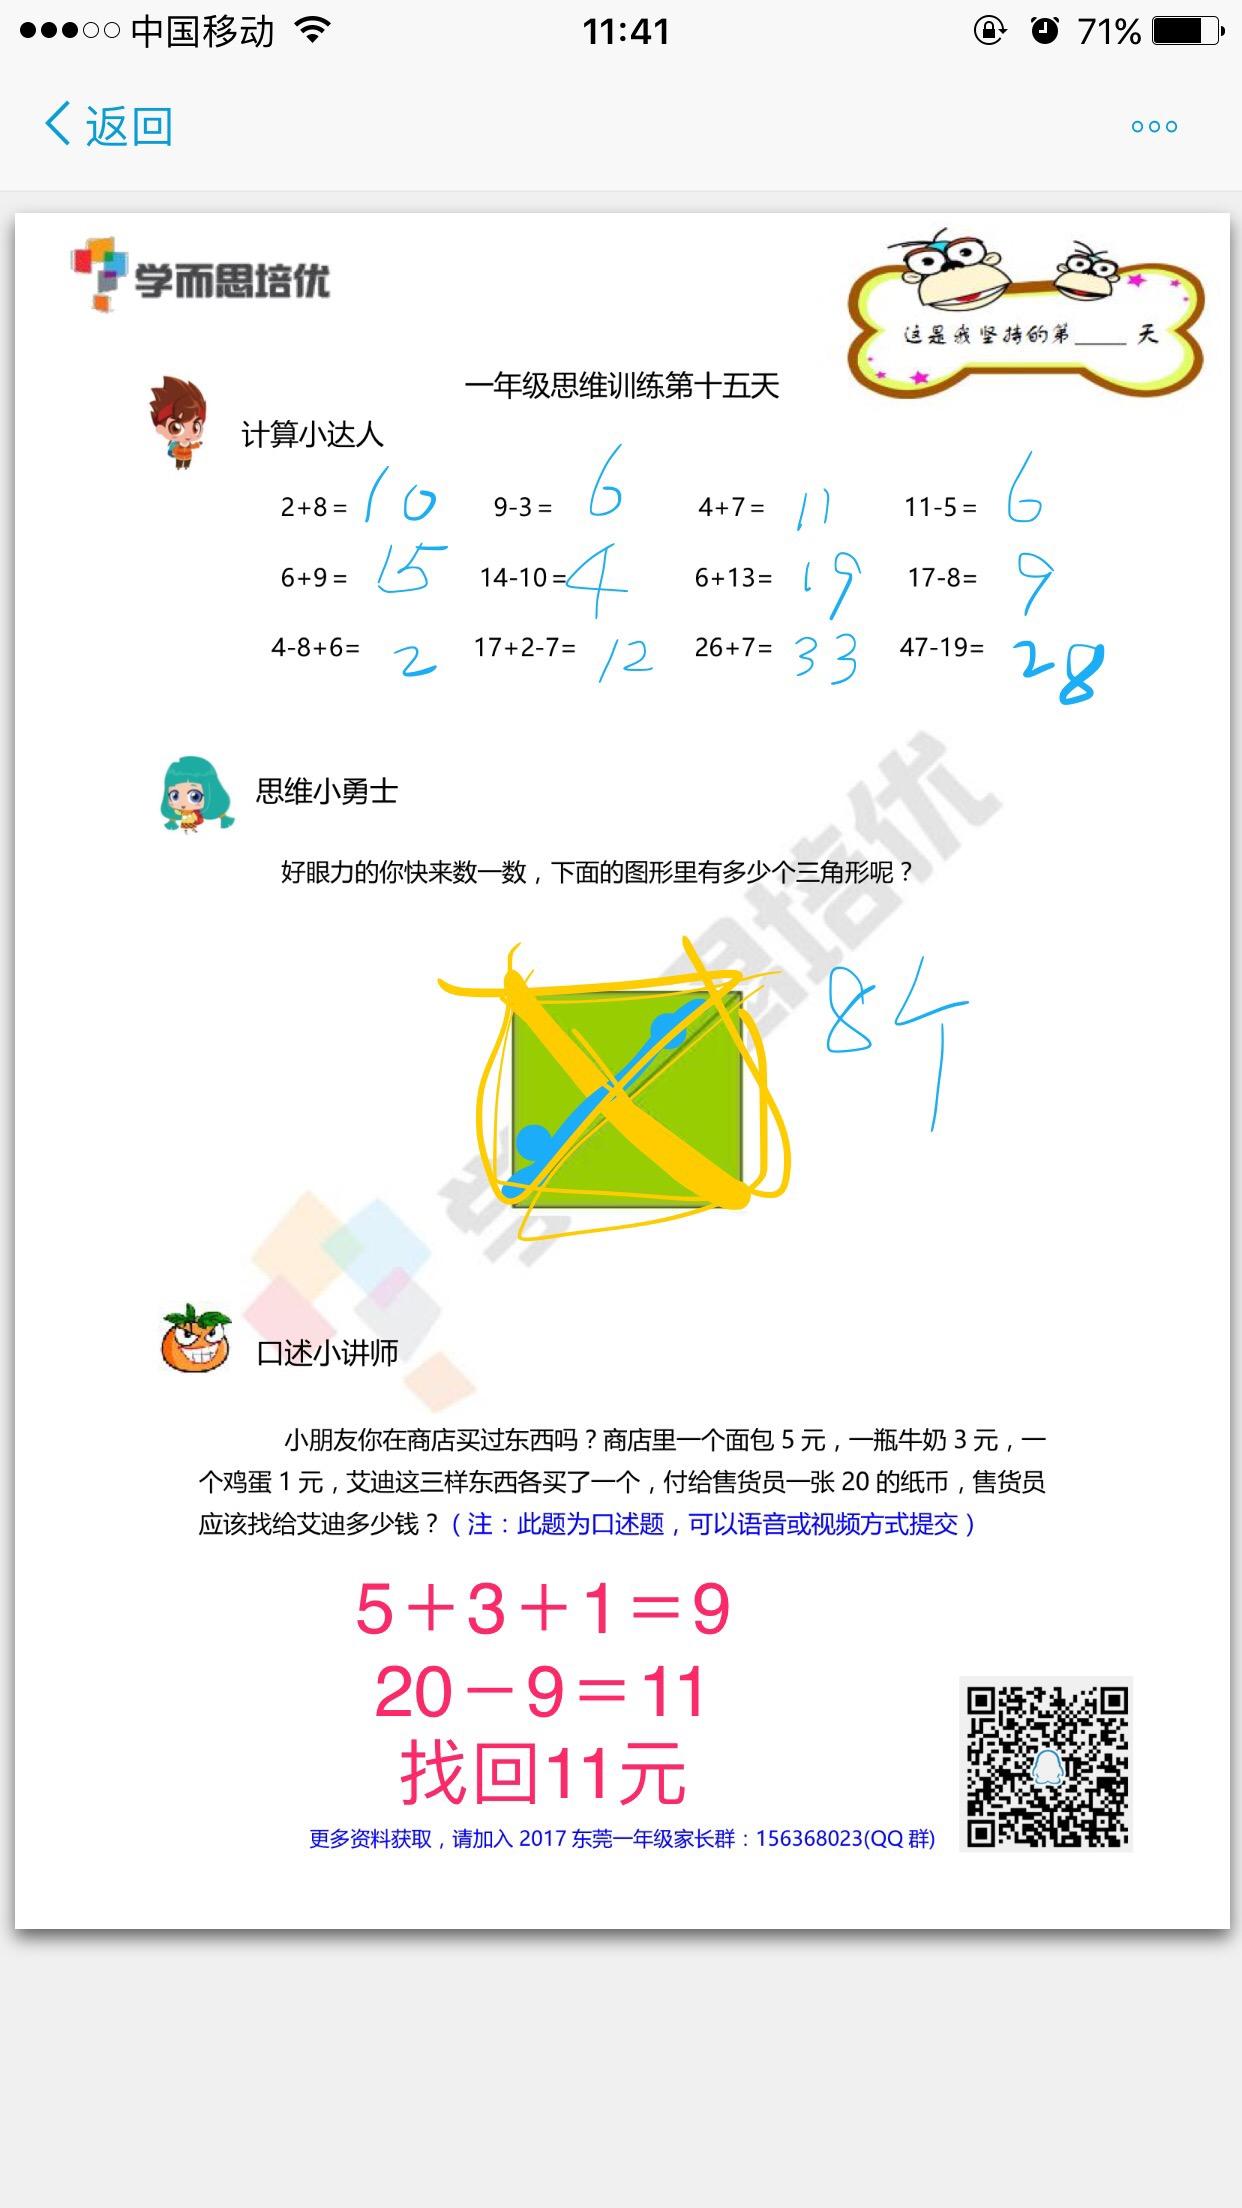 211D61C9-5172-4038-9BF2-BAE813D9B438.jpg